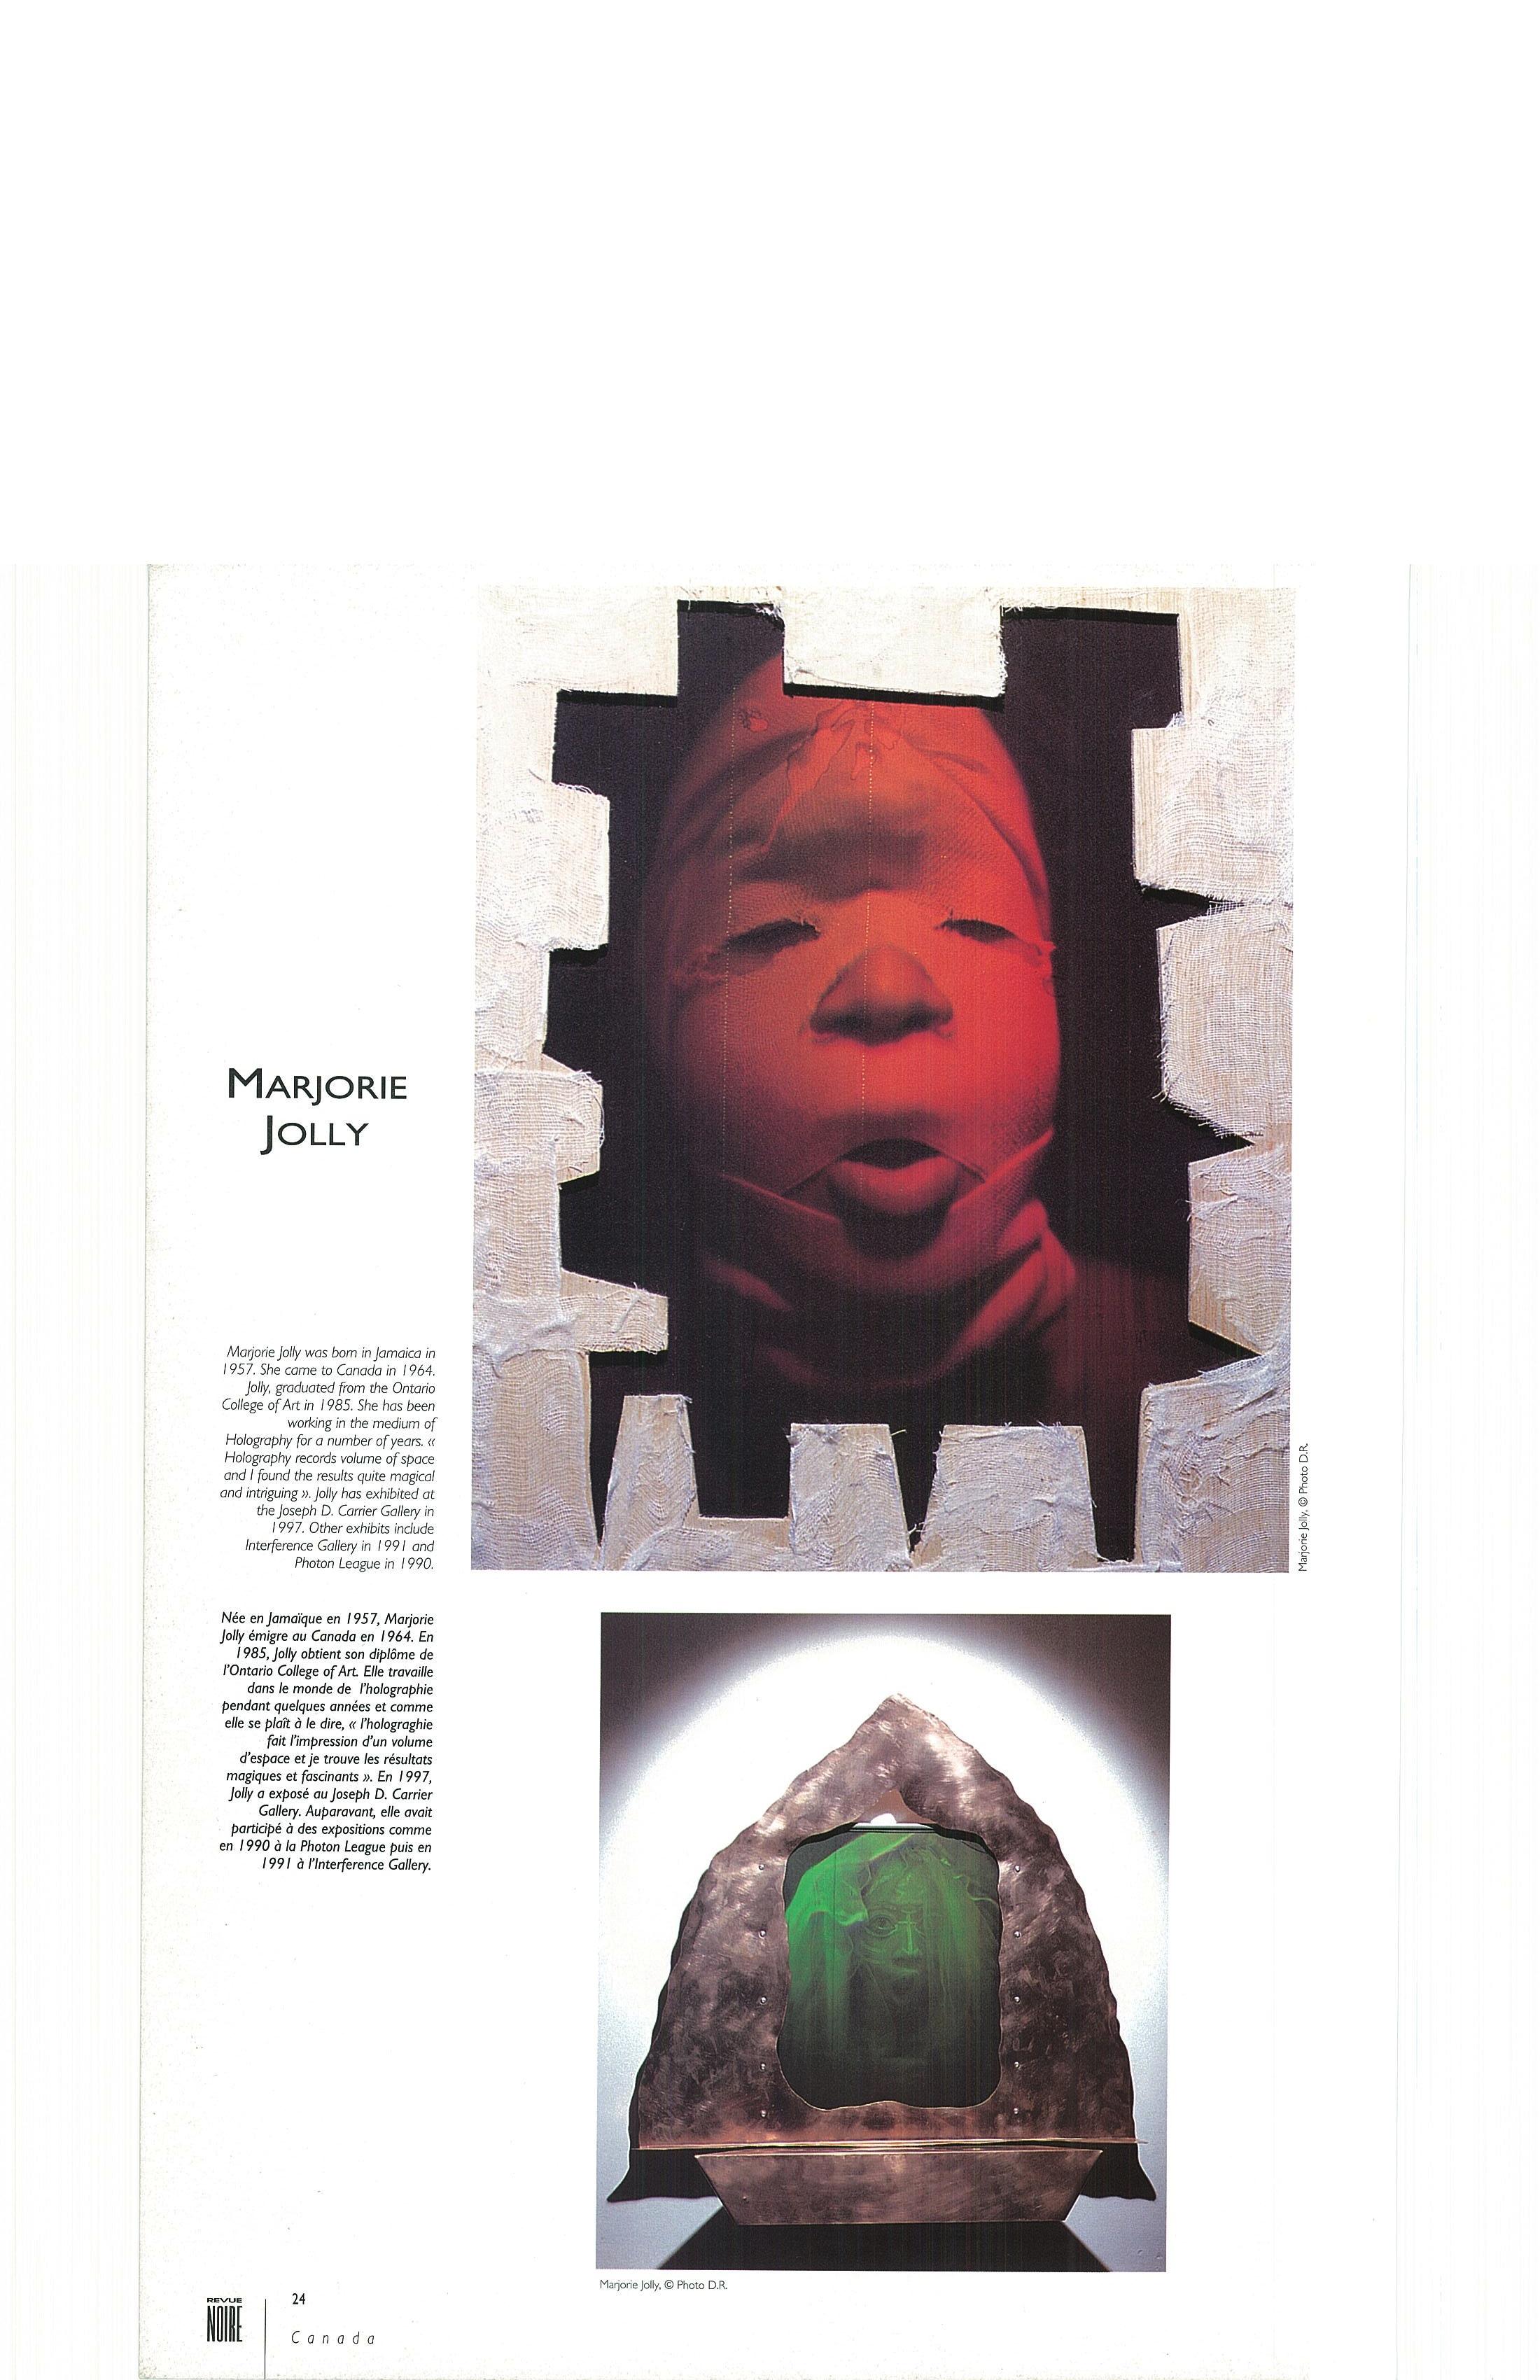 2. Revue Noire book_Page_026